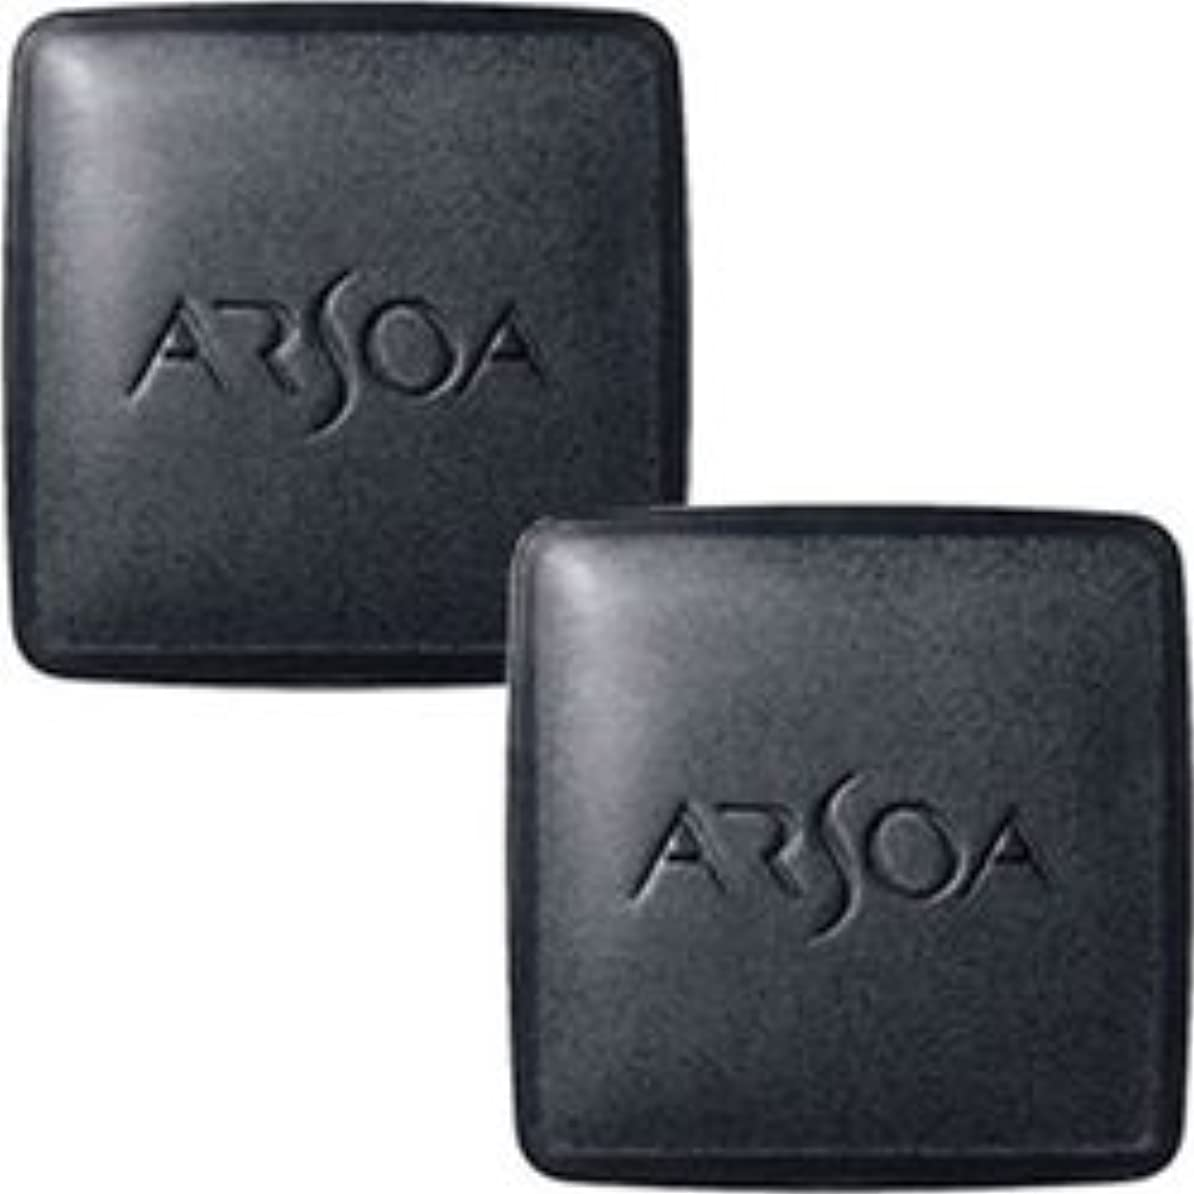 ランチ適性バックアップアルソア(ARSOA) クイーンシルバー メイトサイズ(20g×2個入)[並行輸入品]